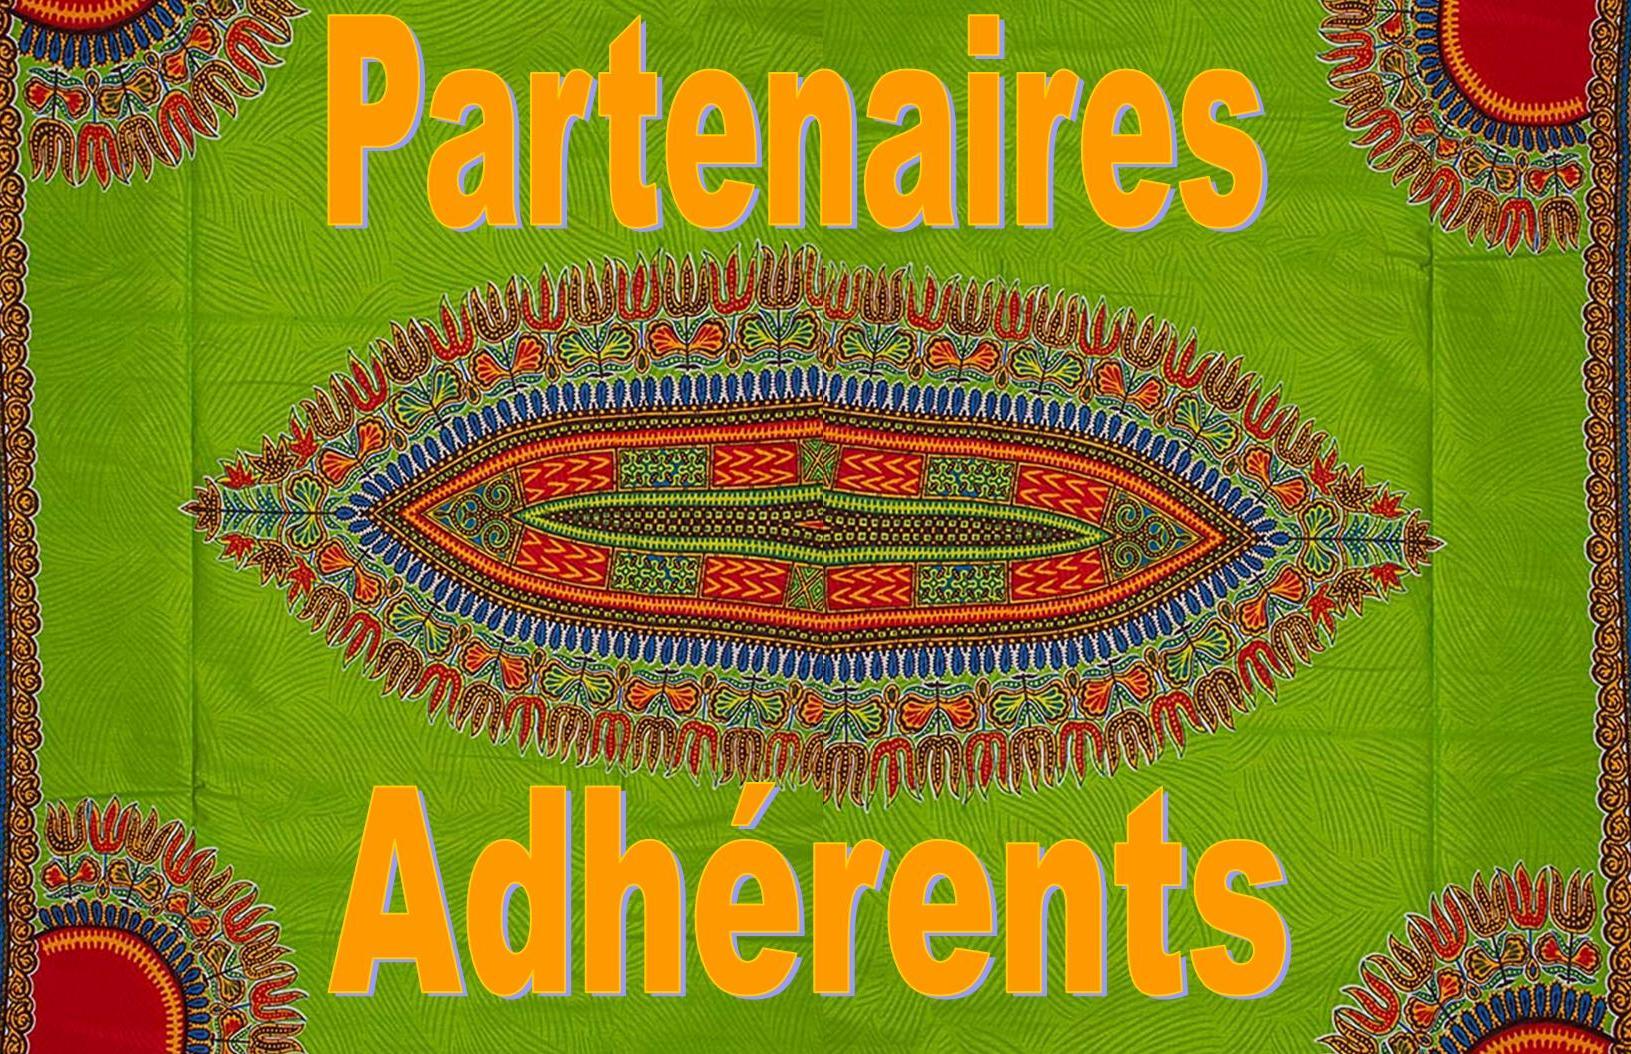 Partenaires Et Adhérents